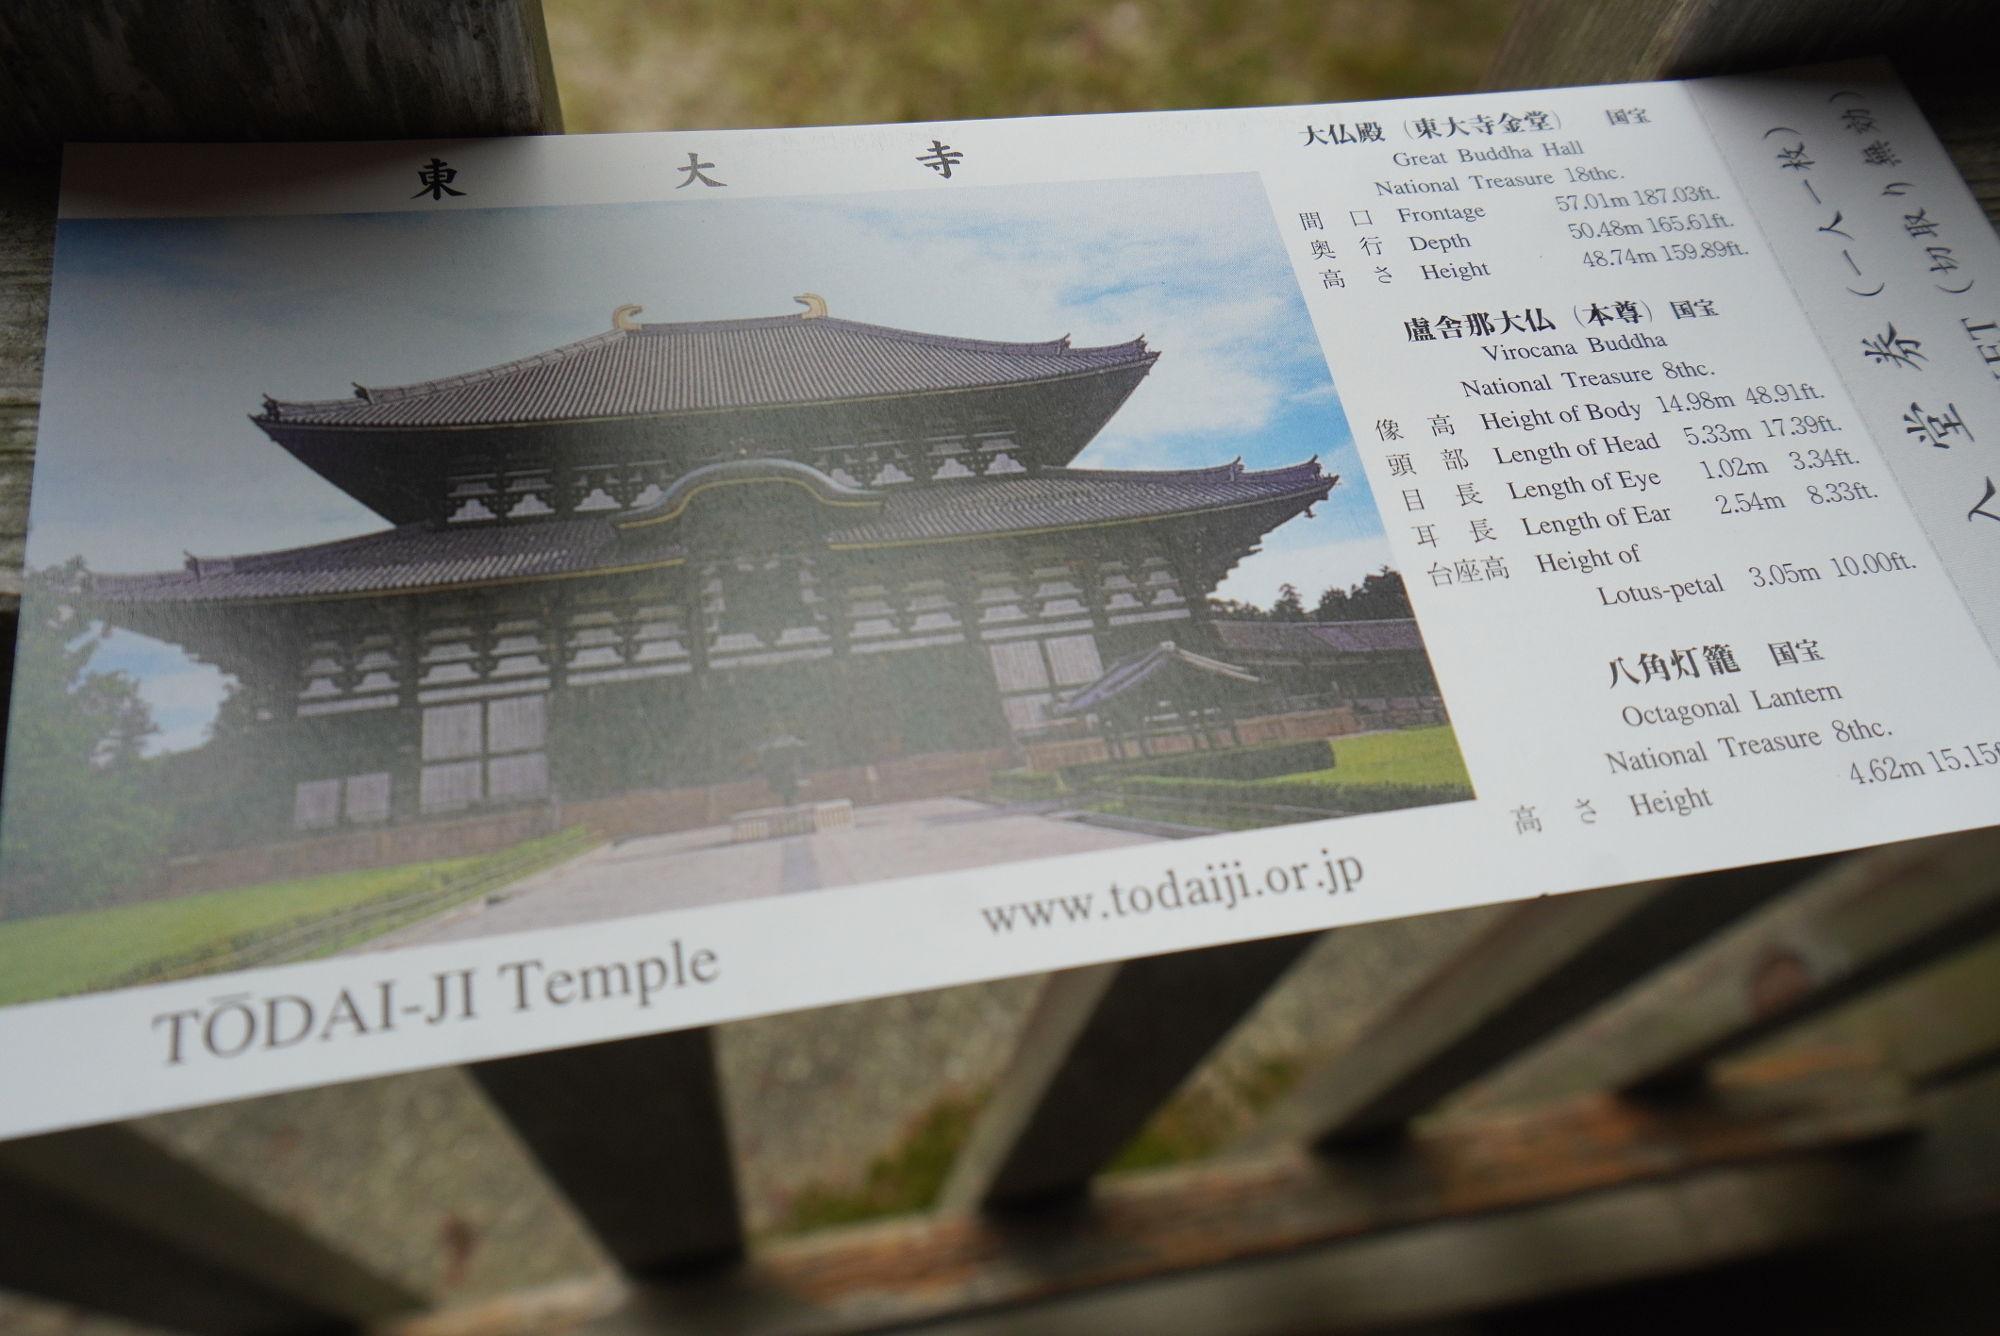 大仏殿への入場チケット